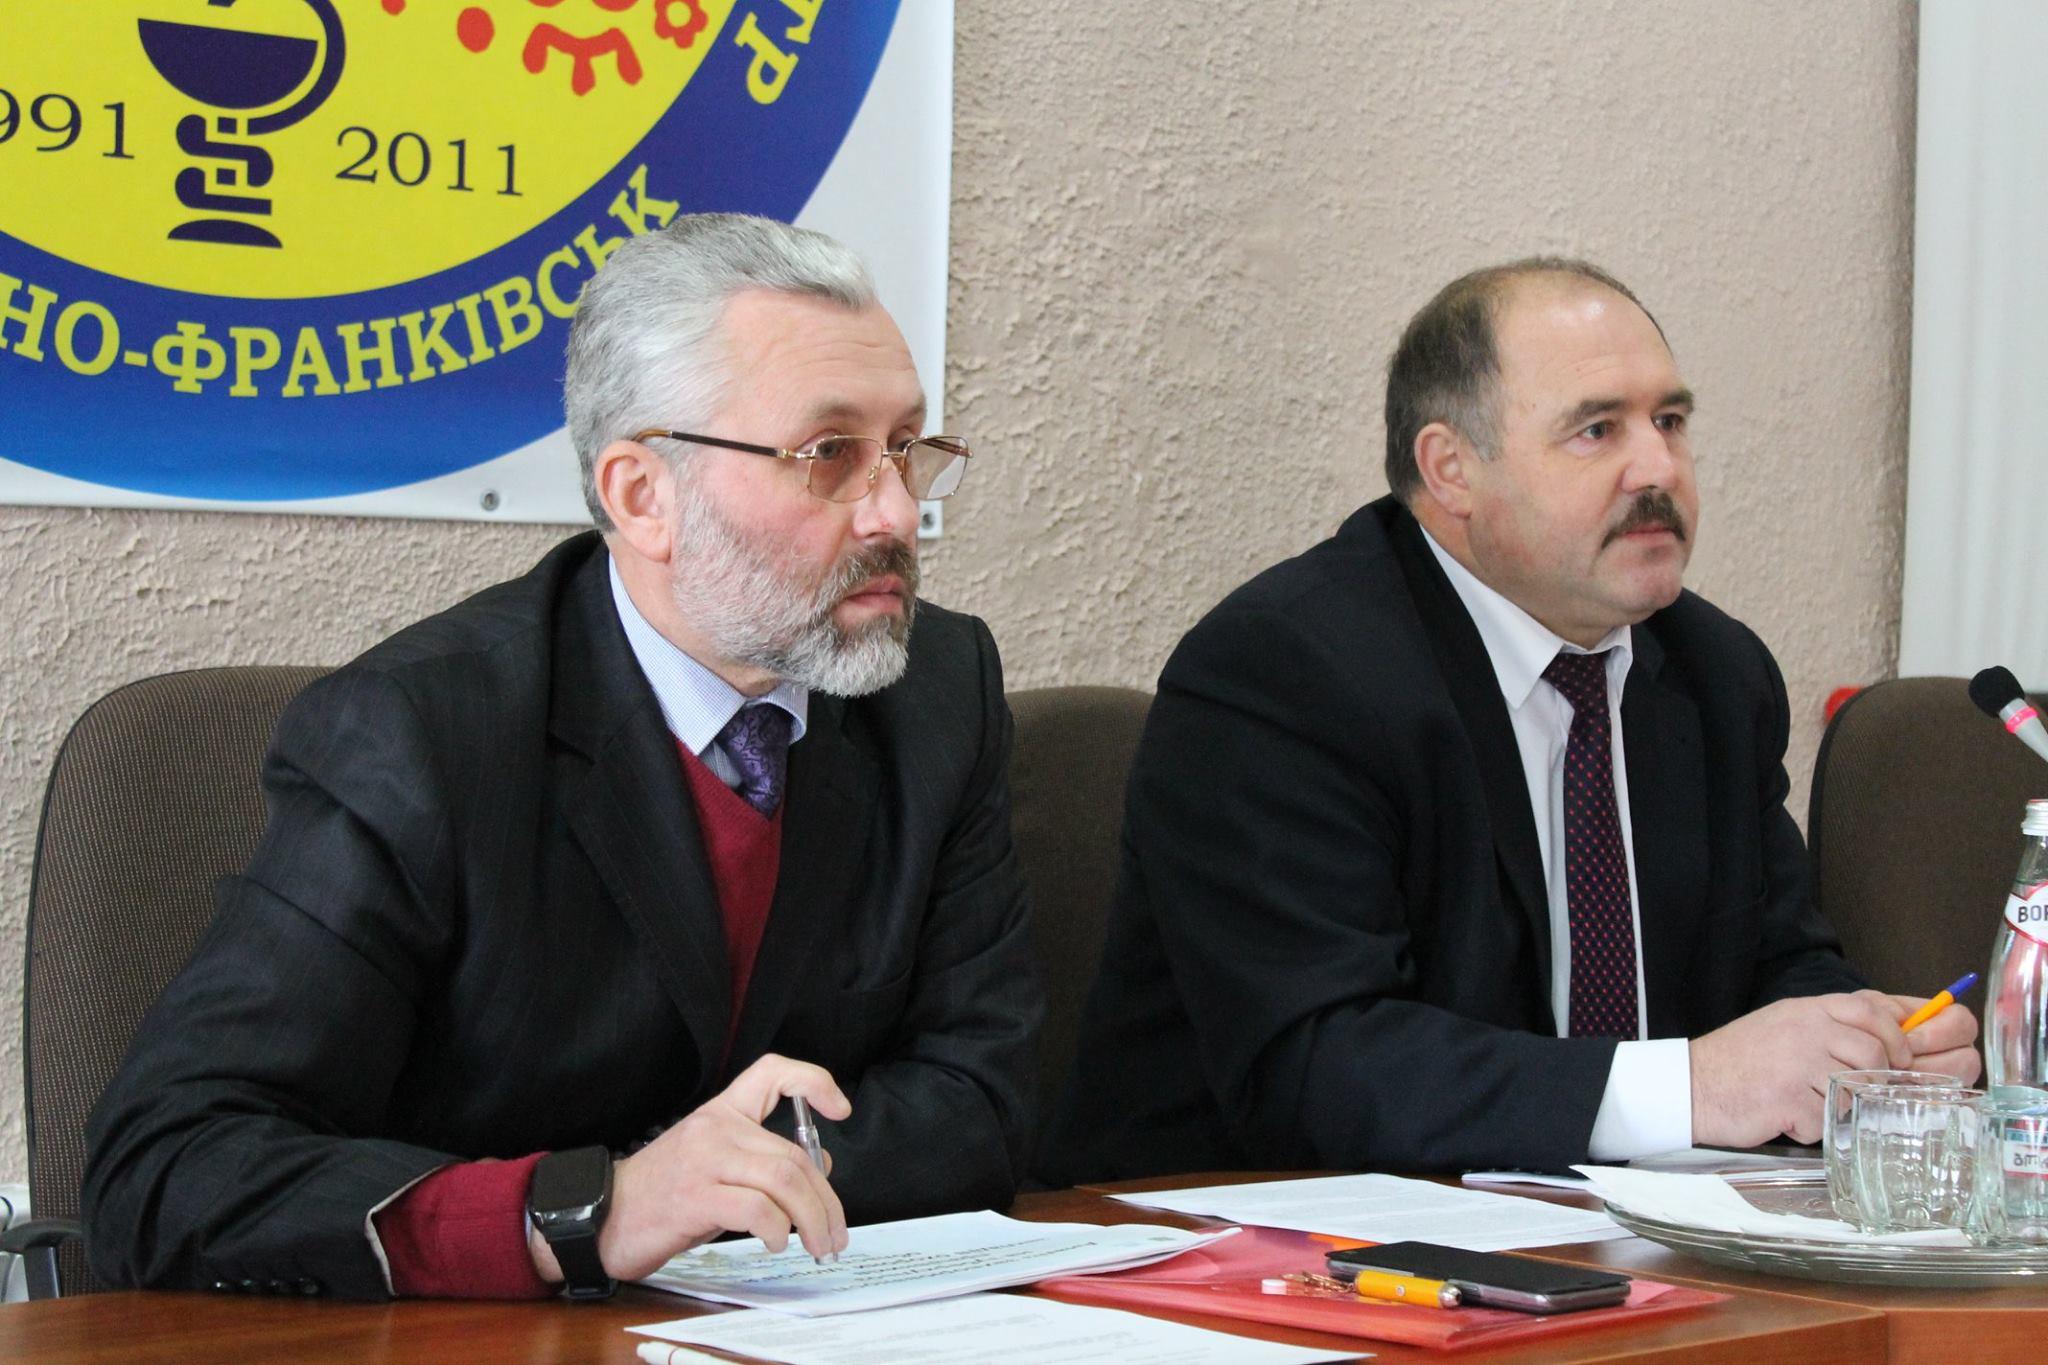 Відбулось засідання координаційної ради з питань протидії туберкульозу та ВІЛ-інфекції/СНІДу.